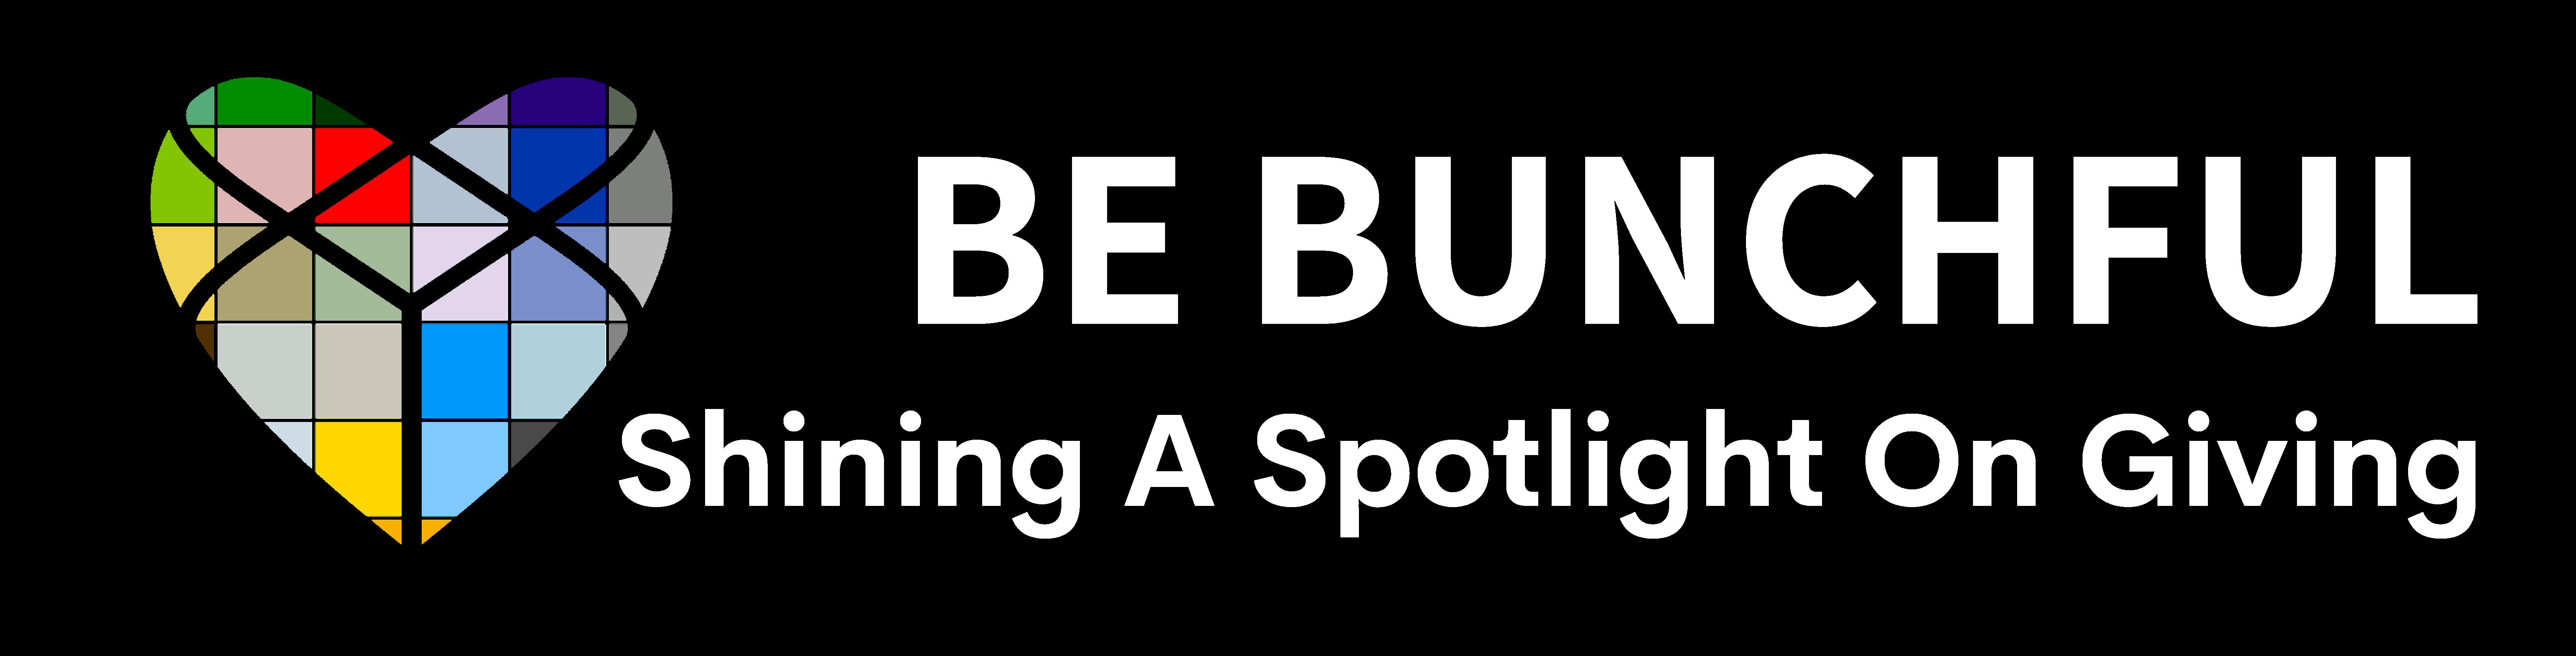 BeBunchful